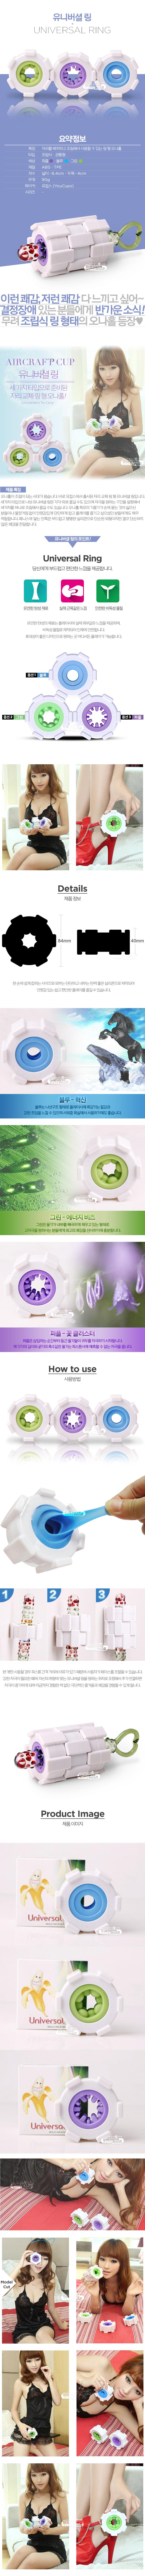 [자리교체 링형 오나홀] 유니버셜 링(YouCups Universal Ring) - 유컵스 (JBG)